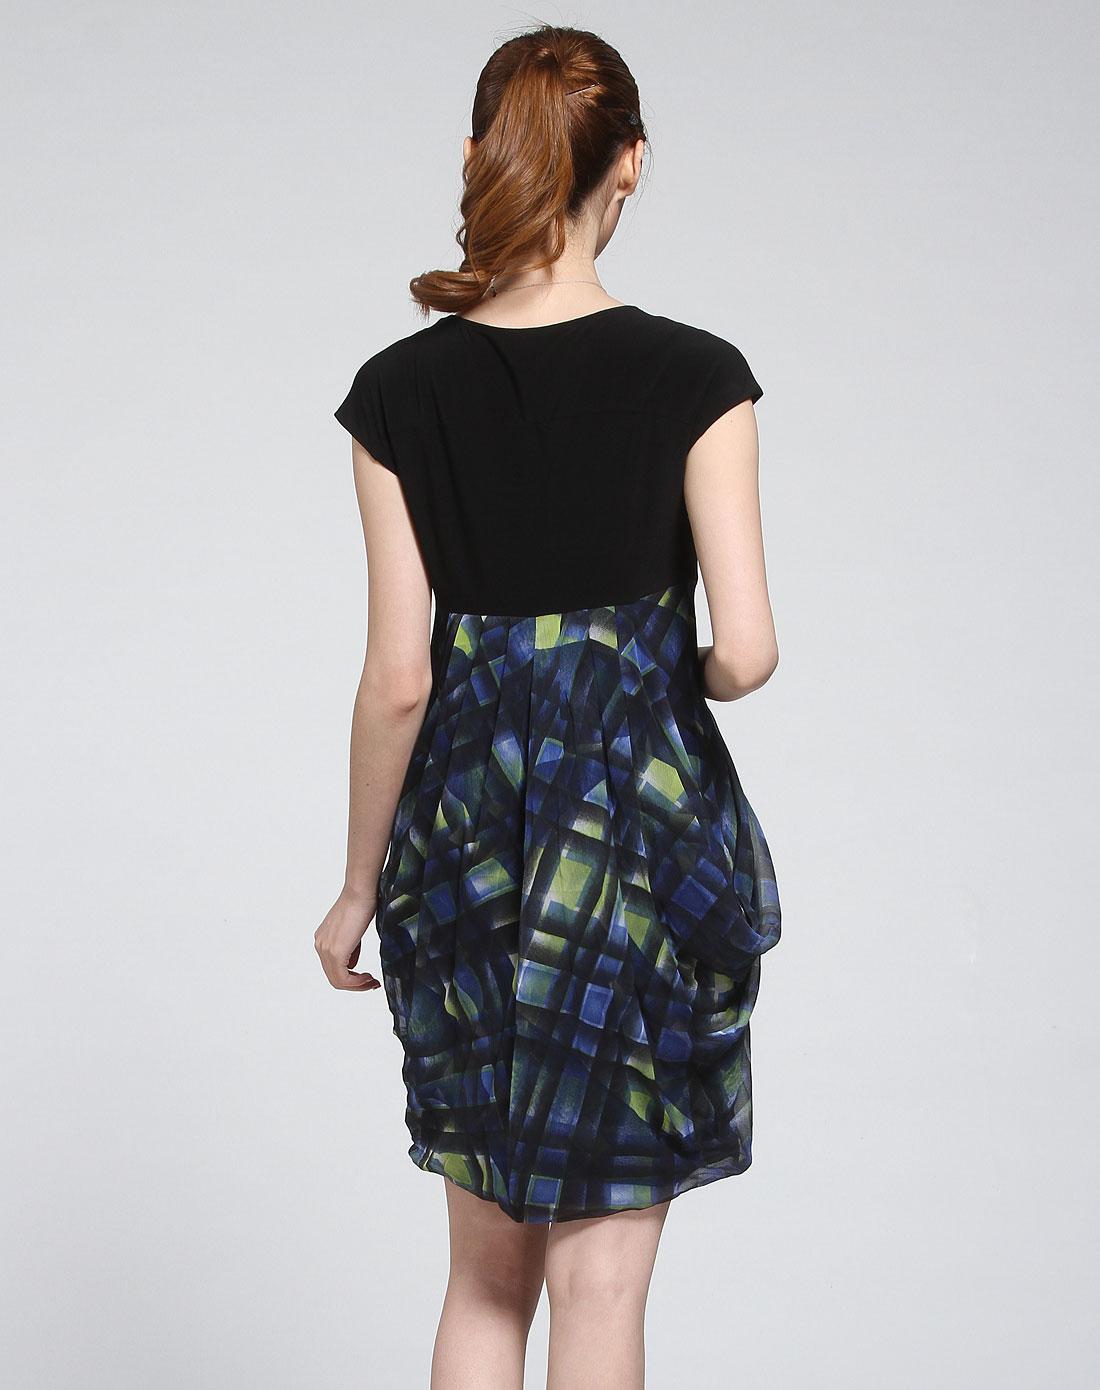 黑/蓝色时尚格纹短袖连衣裙